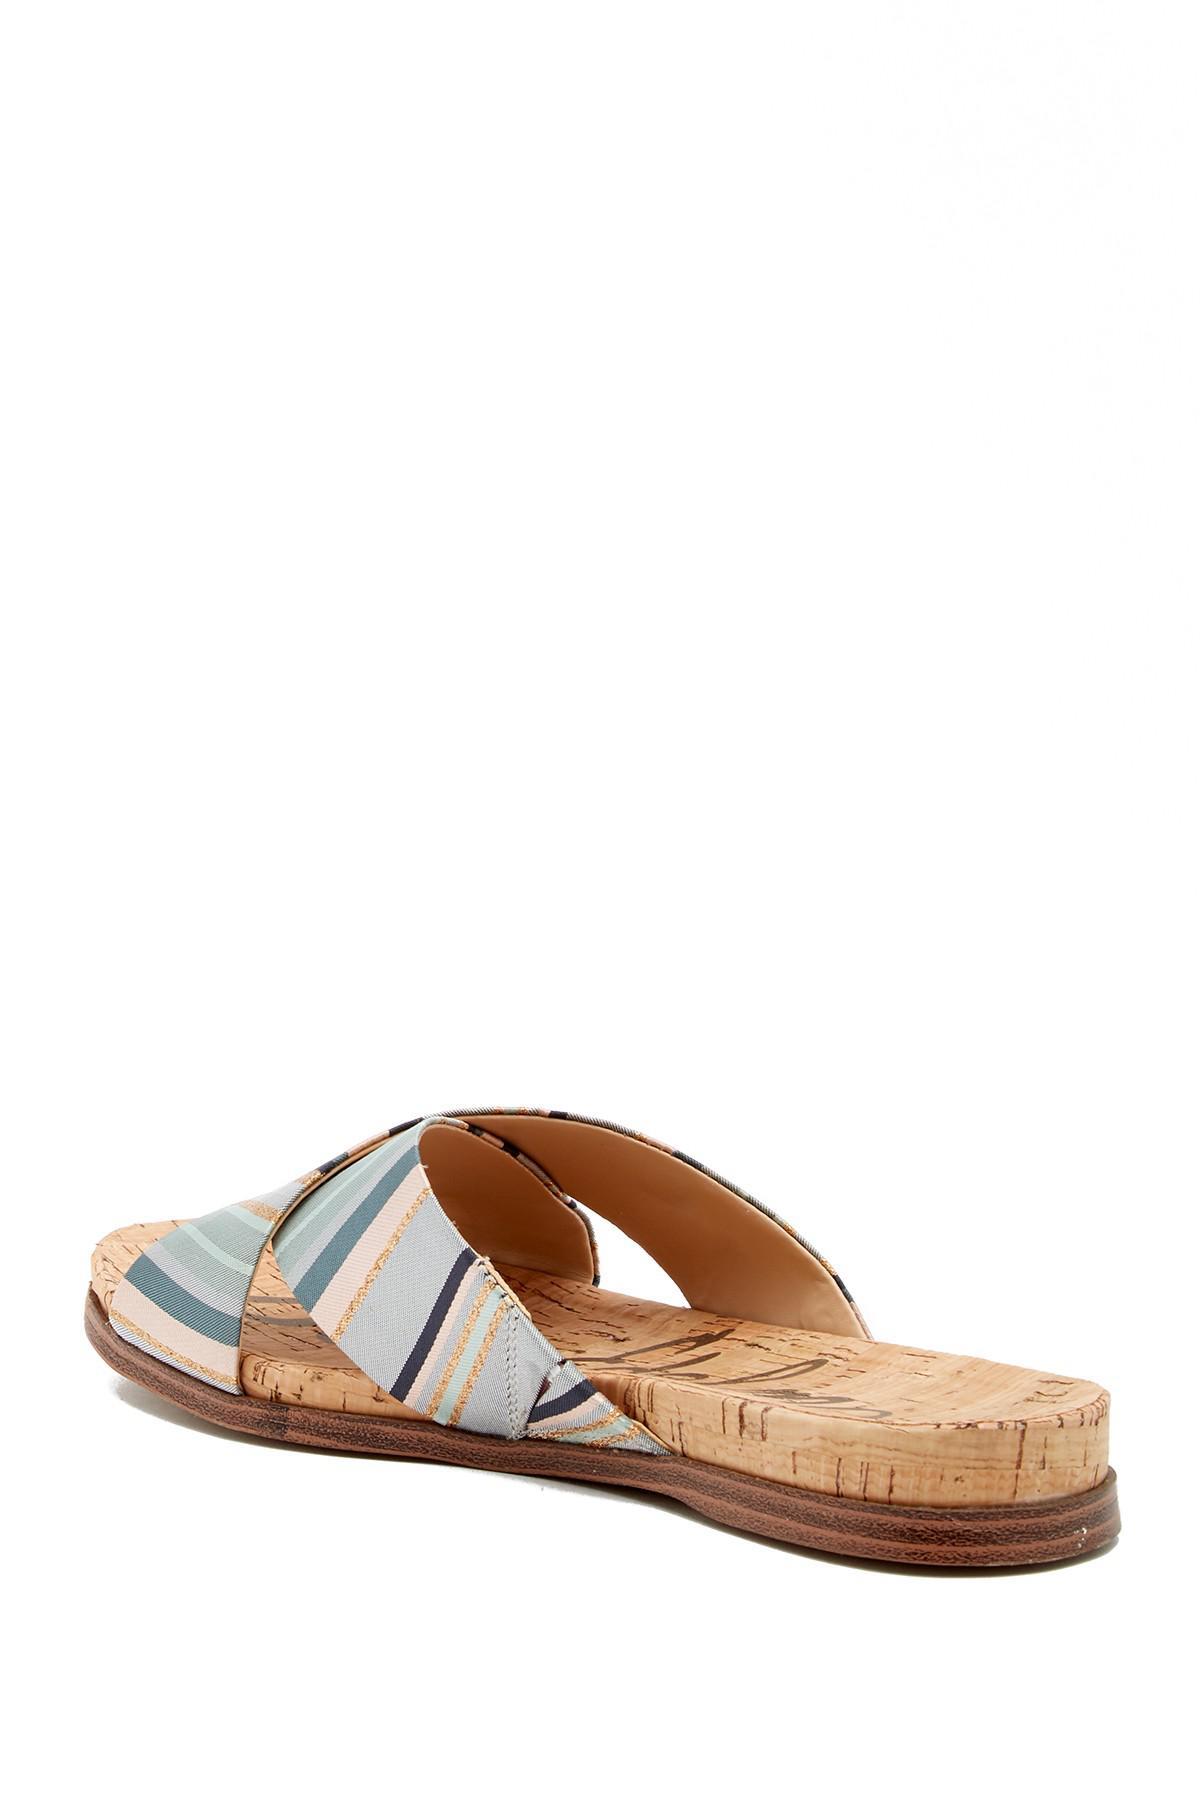 20ca282c2b65 Lyst - Sam Edelman Hattie Crisscross Slide Sandal